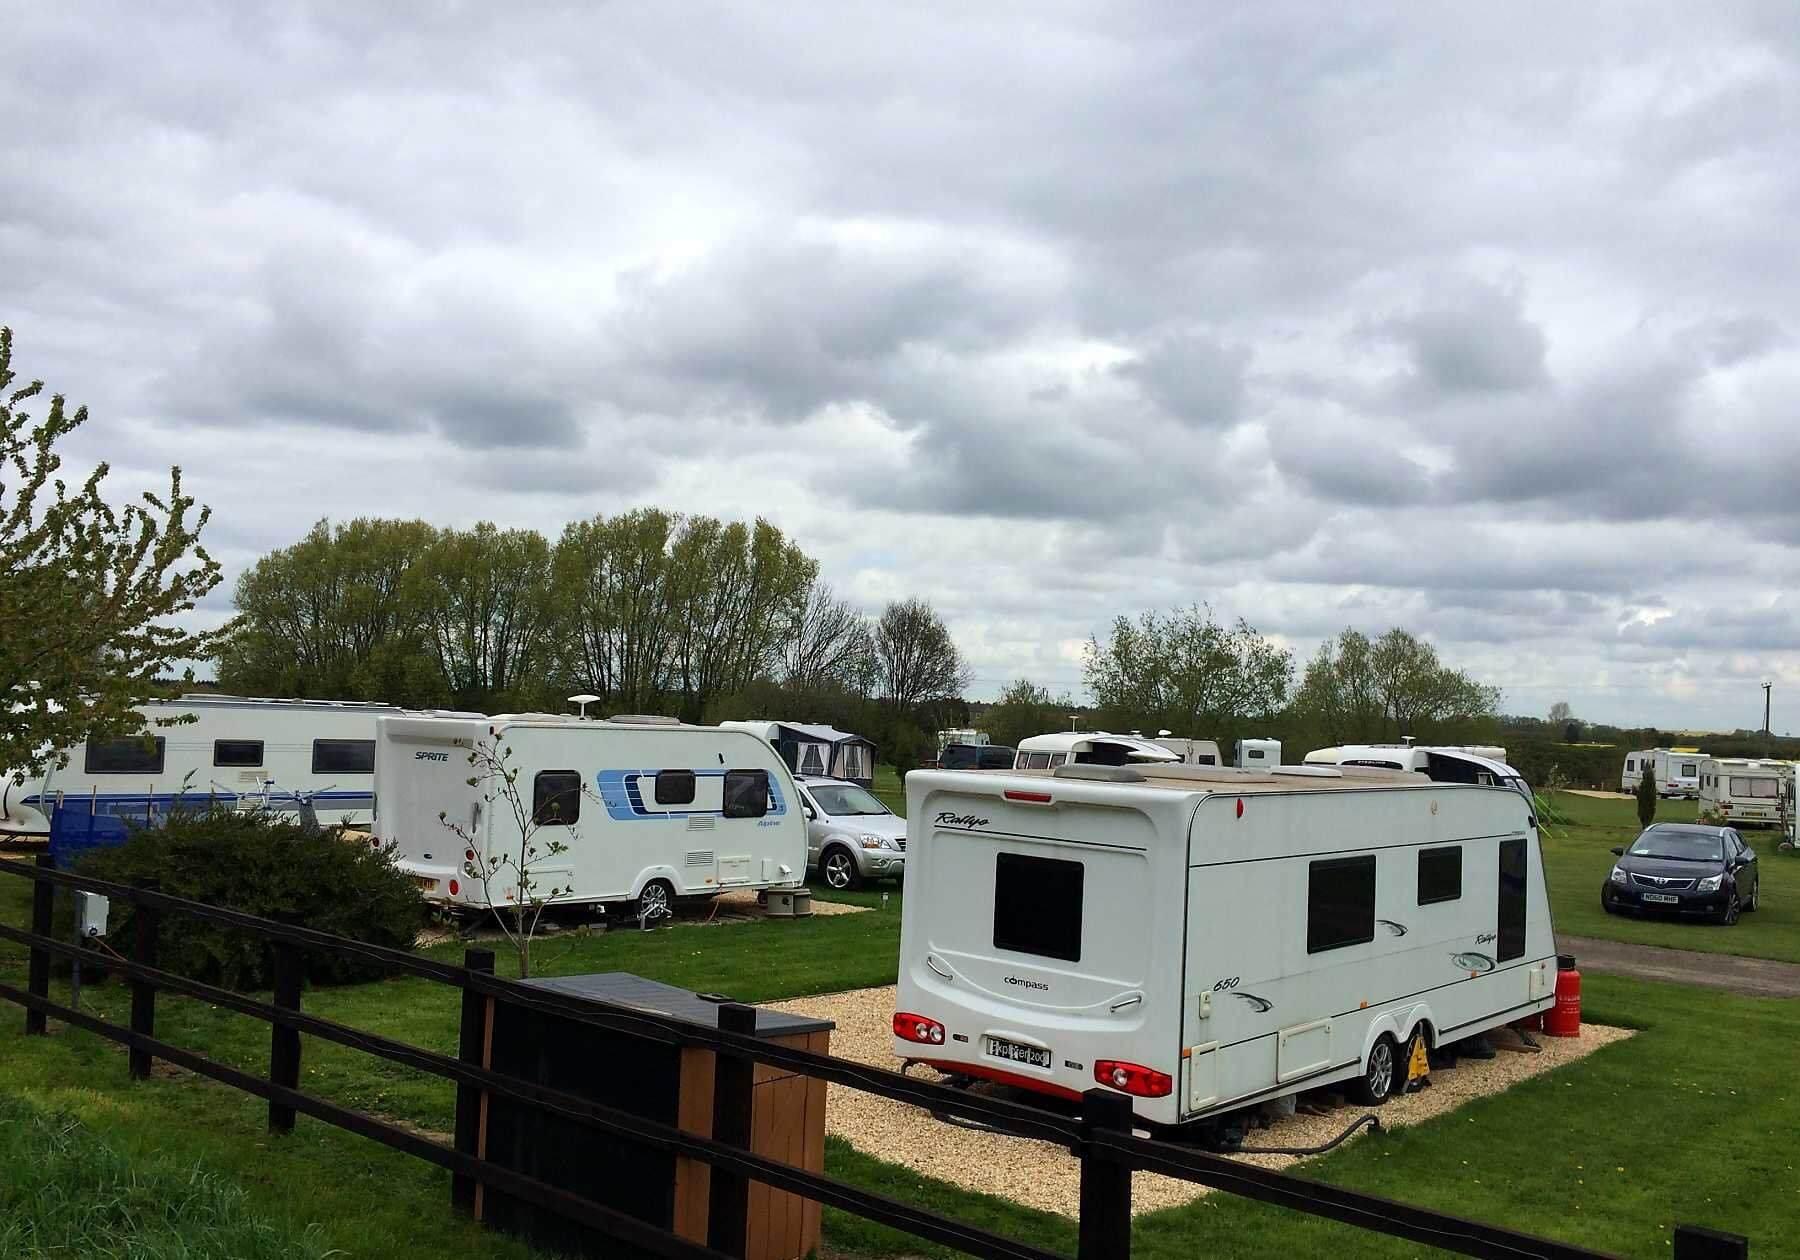 Haxey Quays Caravan & Camping